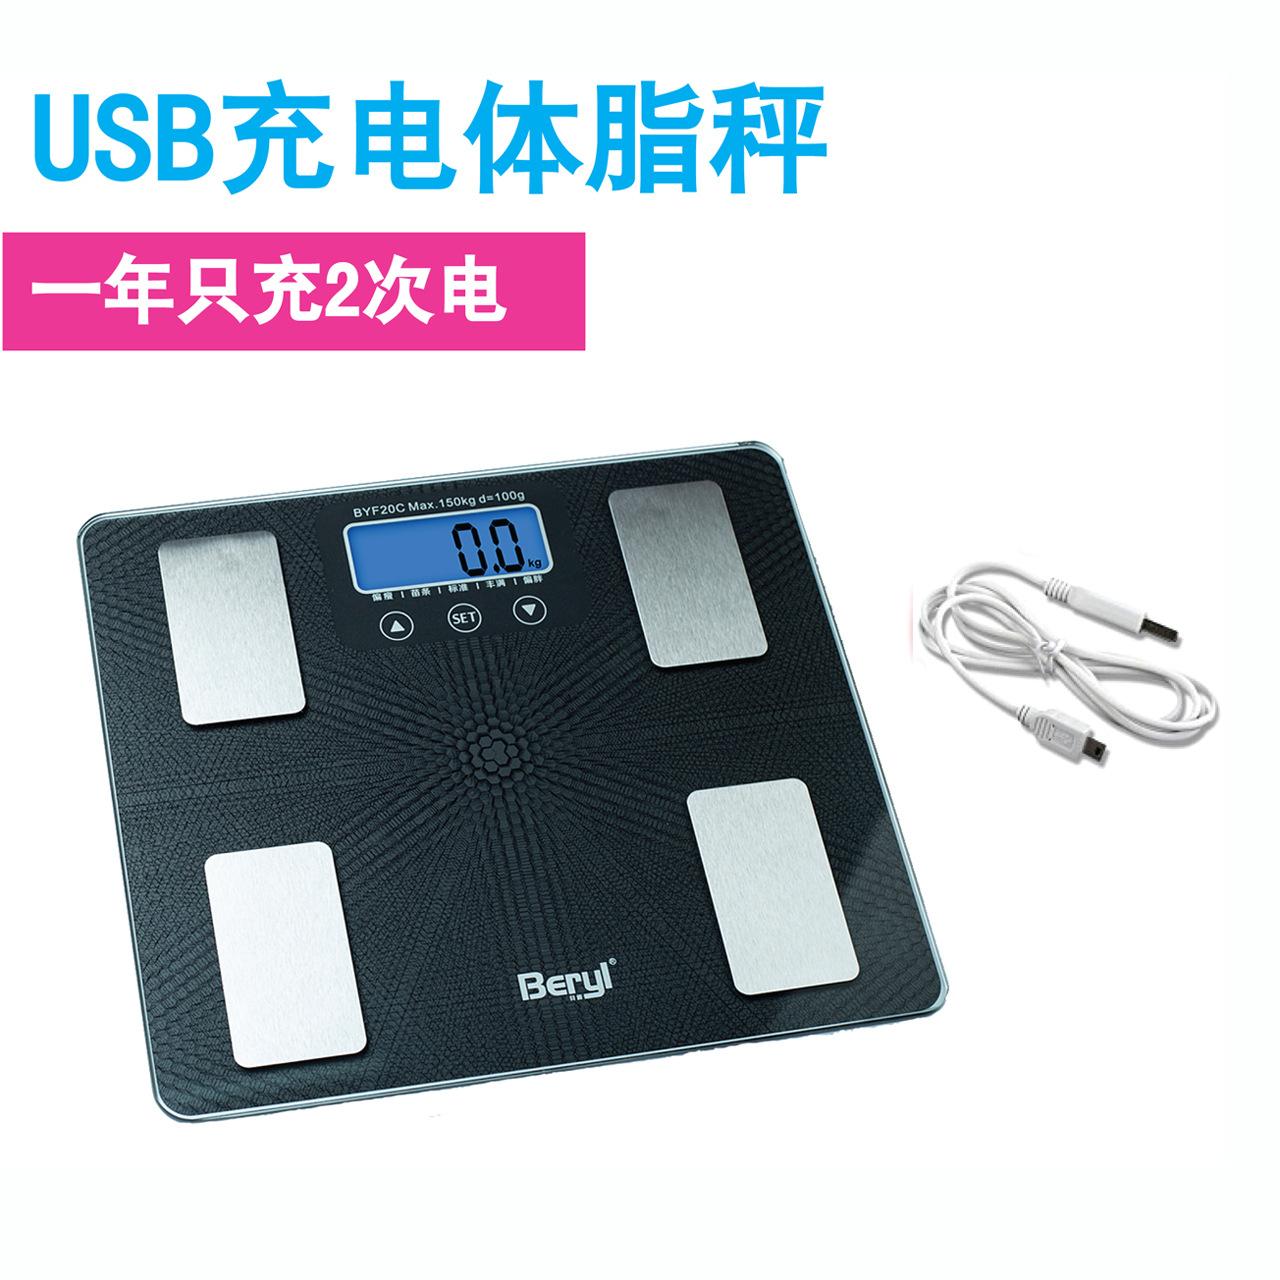 贝雅电子秤体脂仪脂肪秤体型判断脂肪秤家庭用身体指数BMI秤